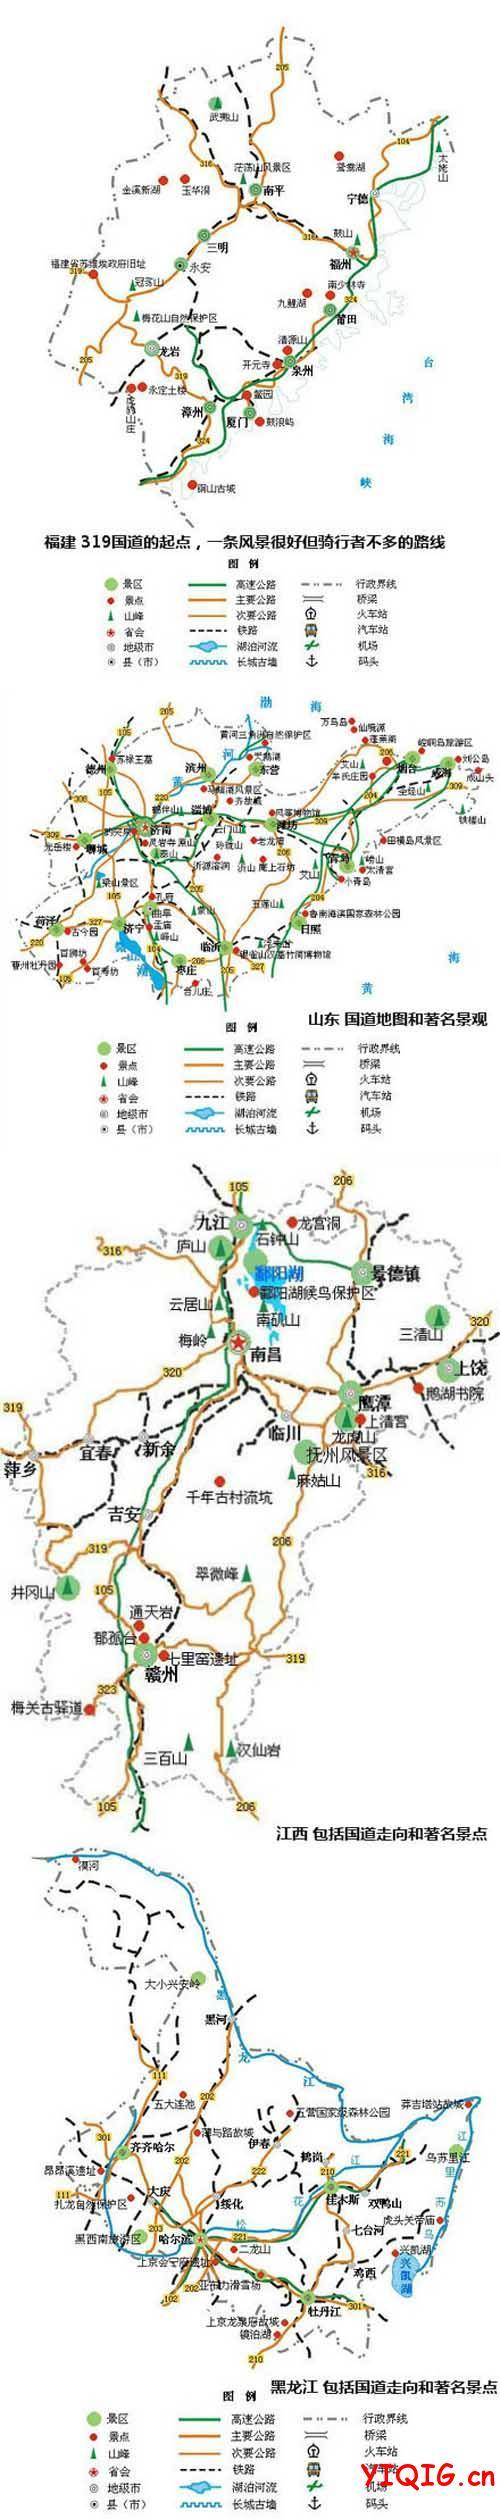 驴友收藏——多省骑行旅游路线图